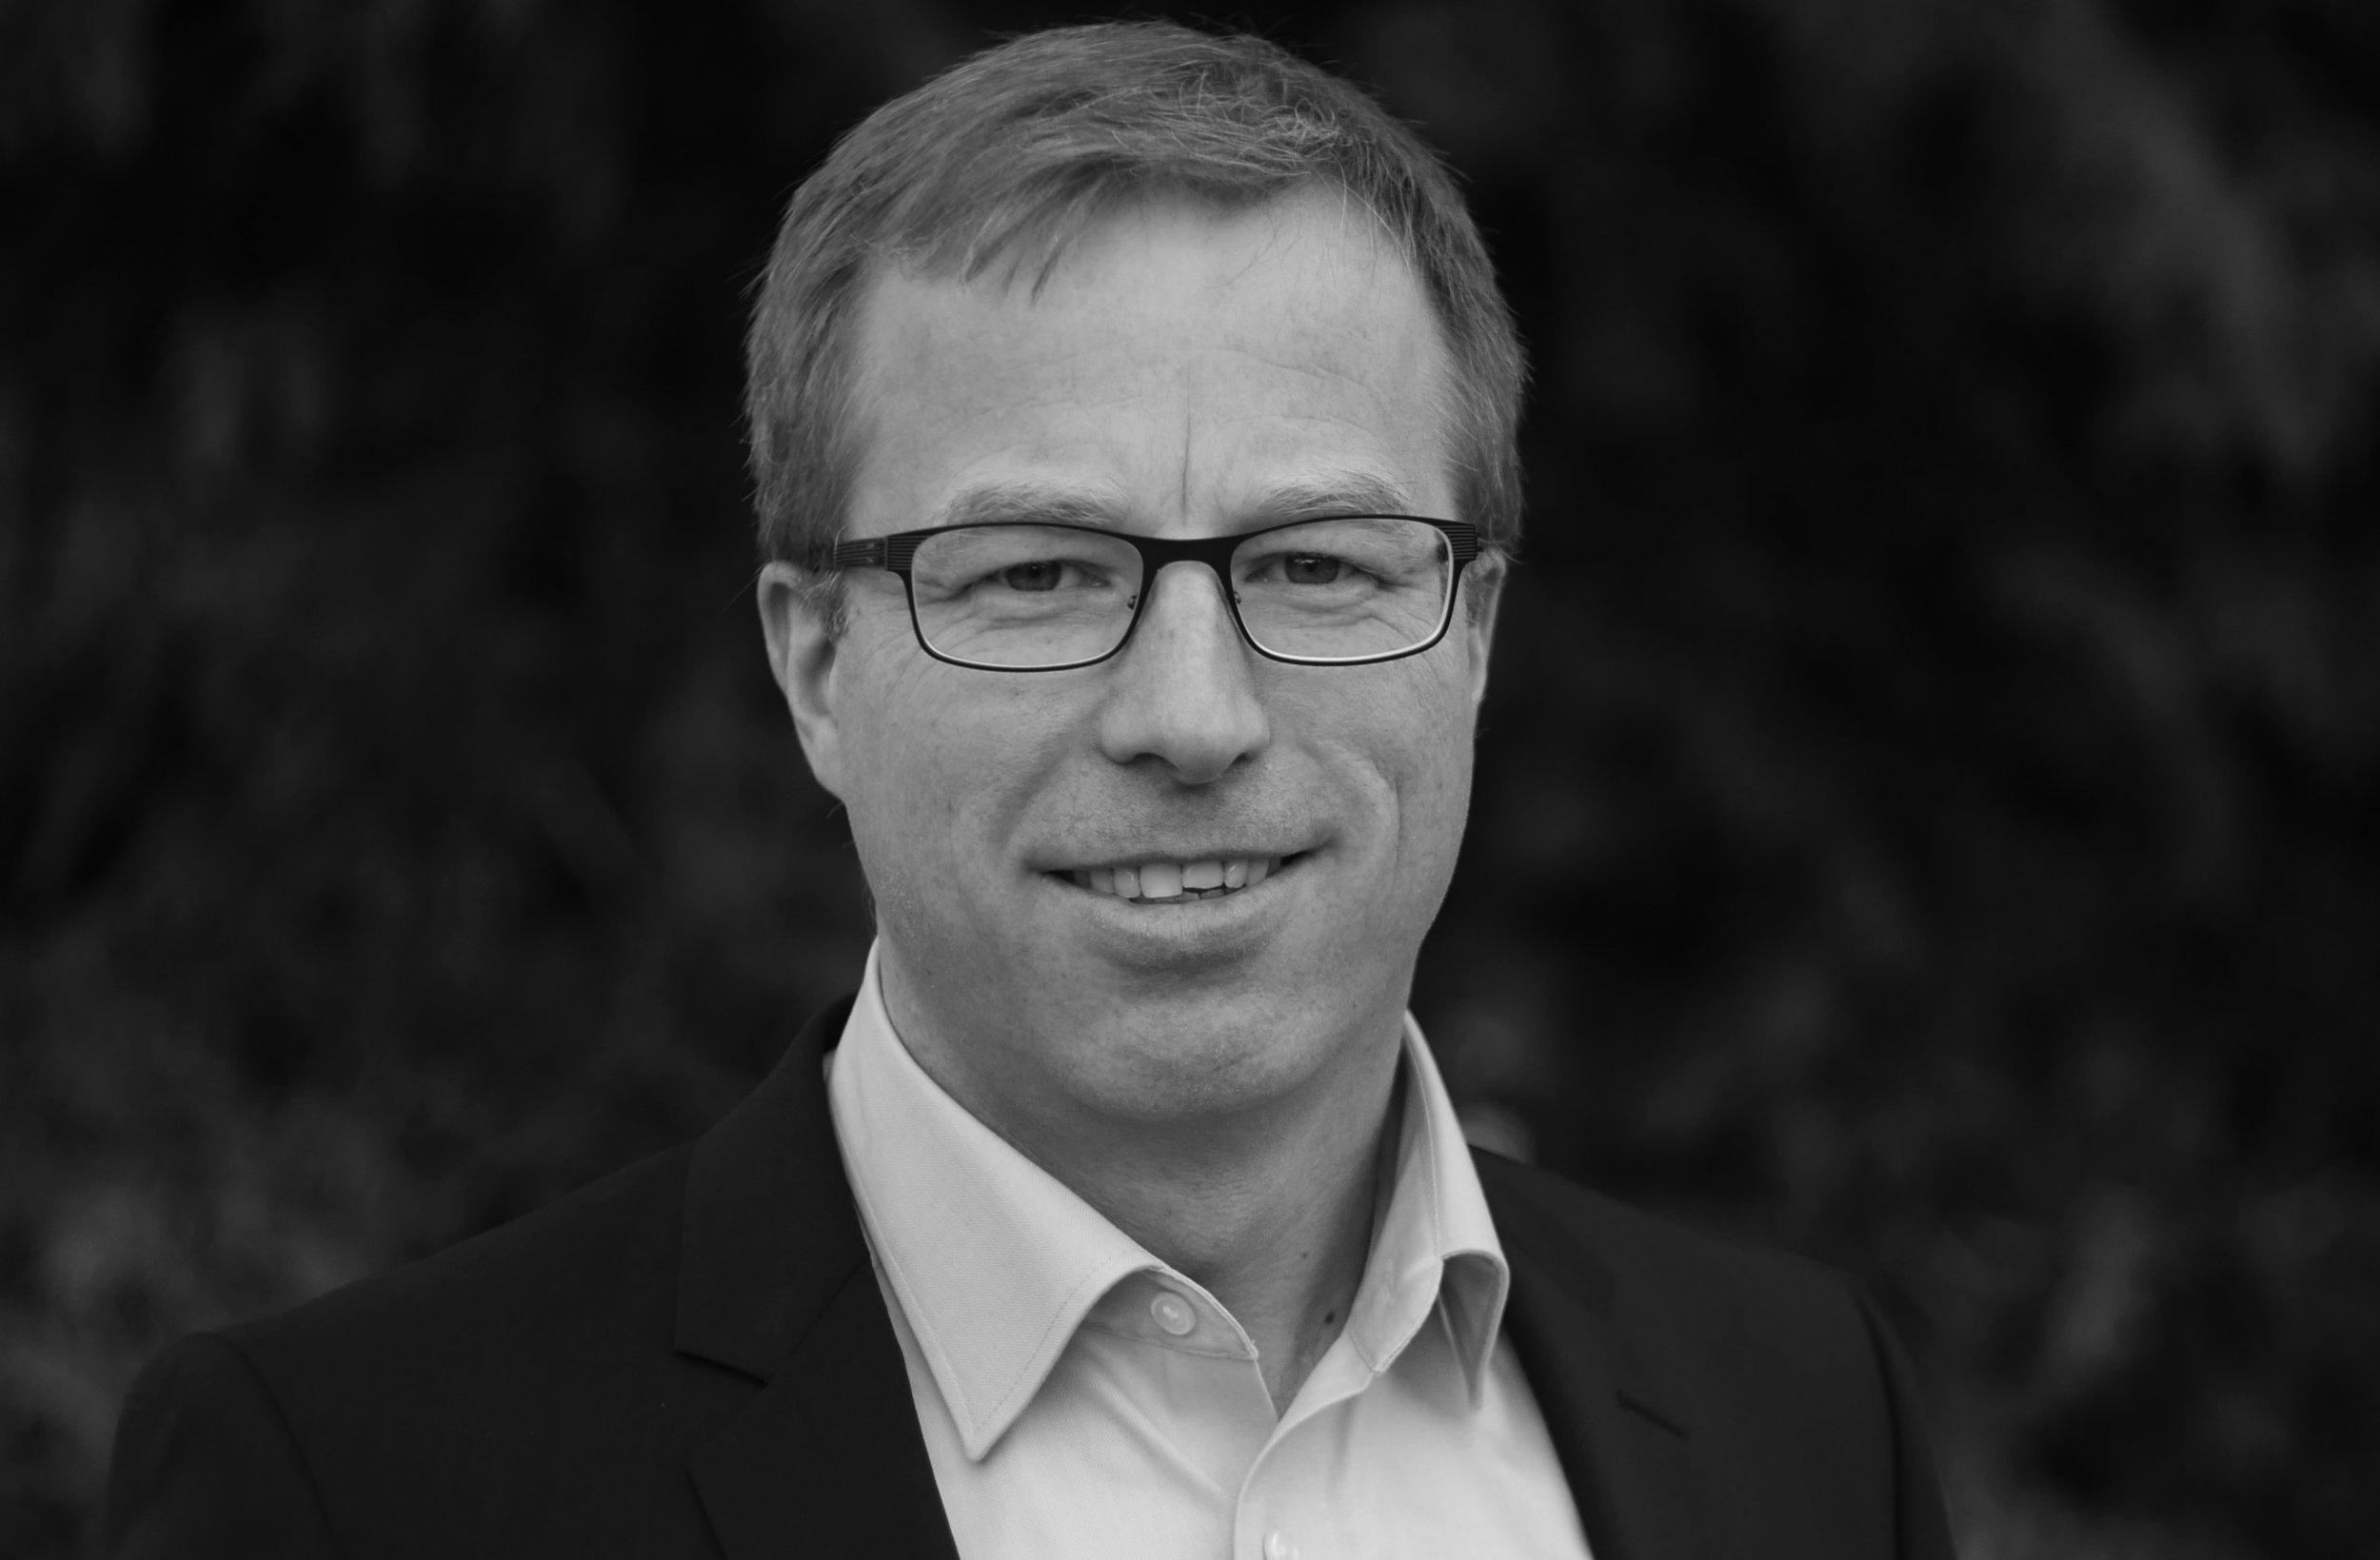 Dr. Marcus Weiand  Dozent am Bildungszentrum Bienenberg; Leiter des ComPax Instituts für Konflikttransformation, Liestal, Schweiz Studienleitung